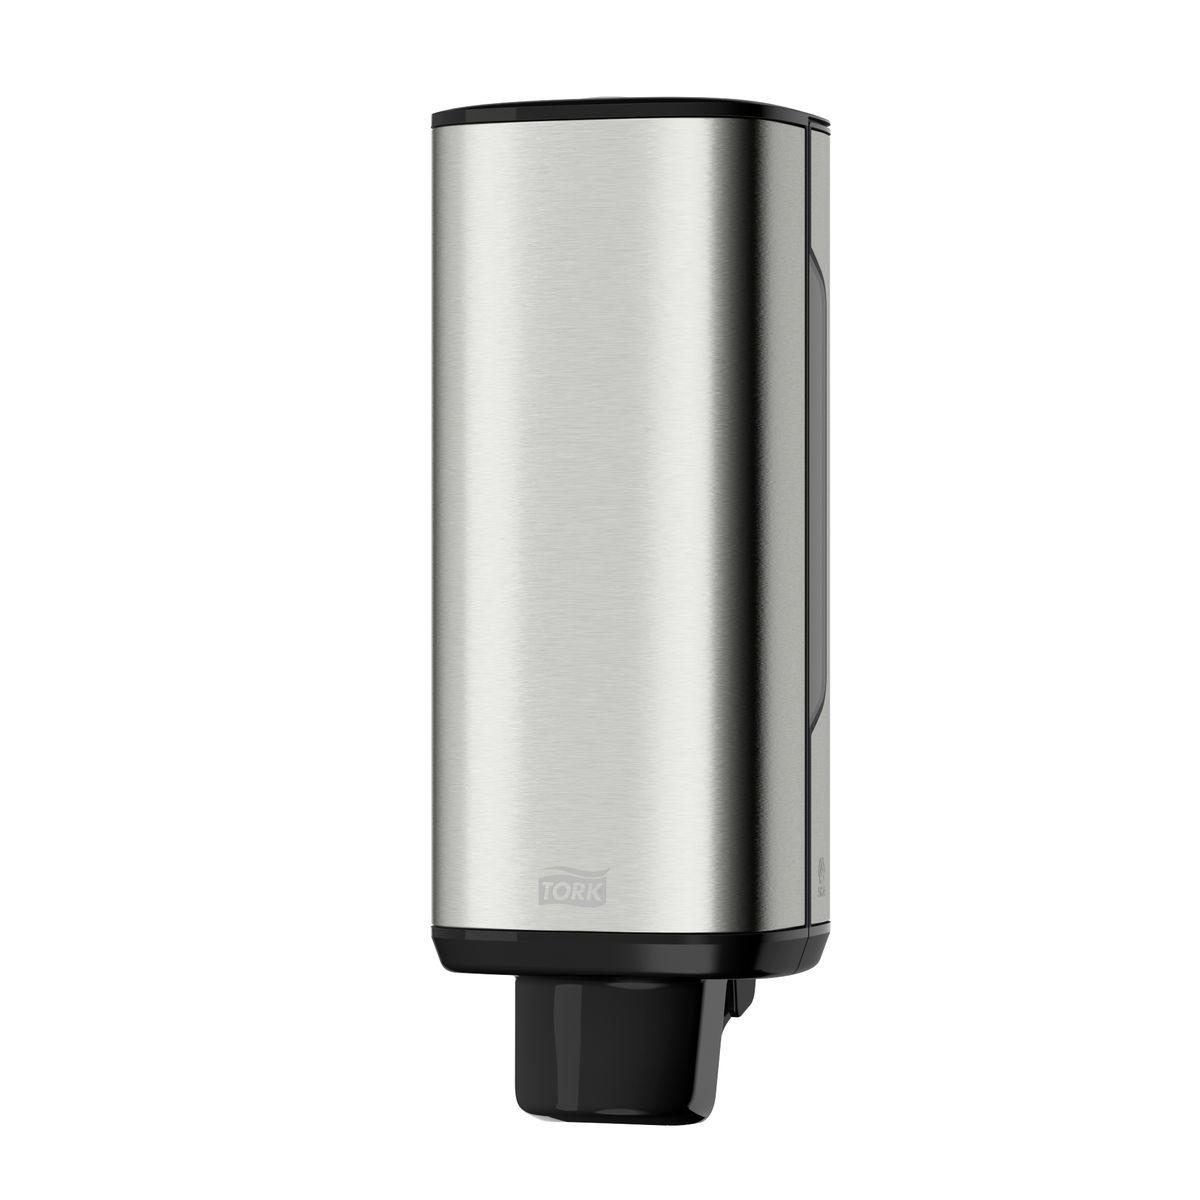 Диспенсер для мыла Tork, цвет: металл. 460010460010Система S4 - Жидкое Мыло-пена Высочайший уровень гигиены благодаря одноразовым картриджам. В диспенсерах есть возможность закрепить визитную карточку. Диспенсер одобрен шведской ассоциацией ревматологов – доказанная простота и комфорт использования. Клавиша с плавным нажатием – обеспечивает удобное и безопасное мытье рук.